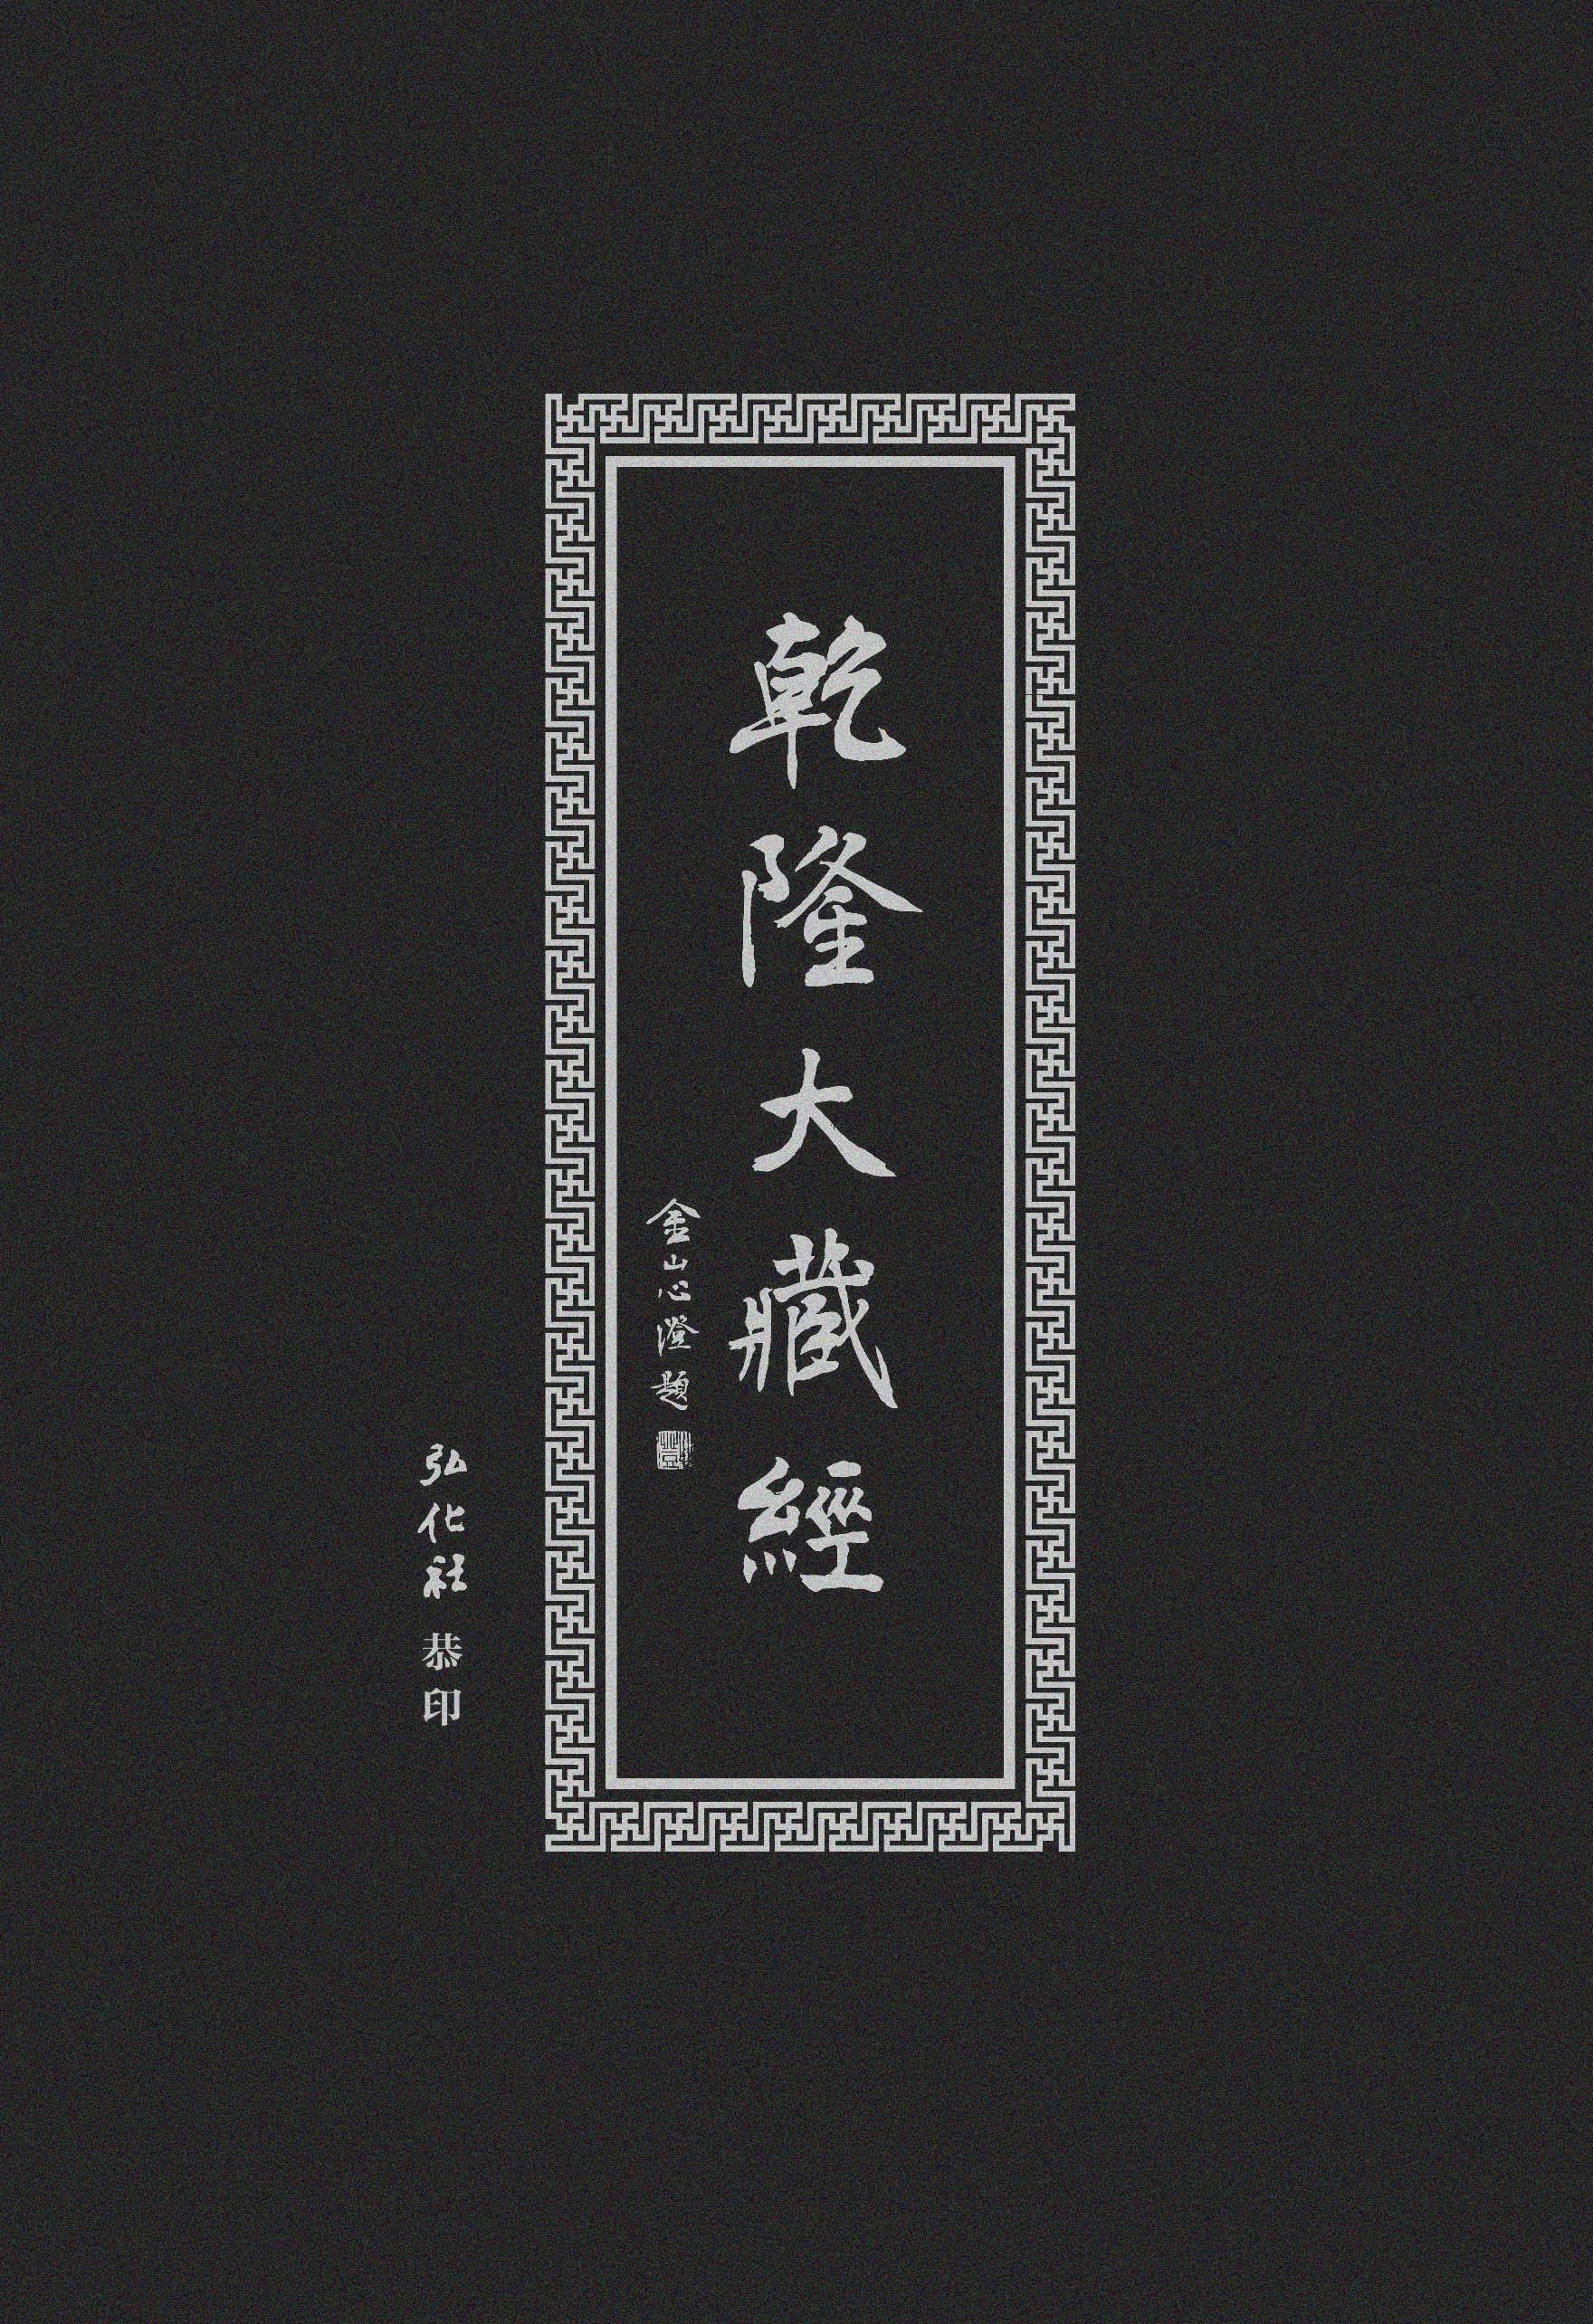 龙藏·058 004 禅行法想经一卷(敬三)【后汉 安息国三藏法师安世高译】